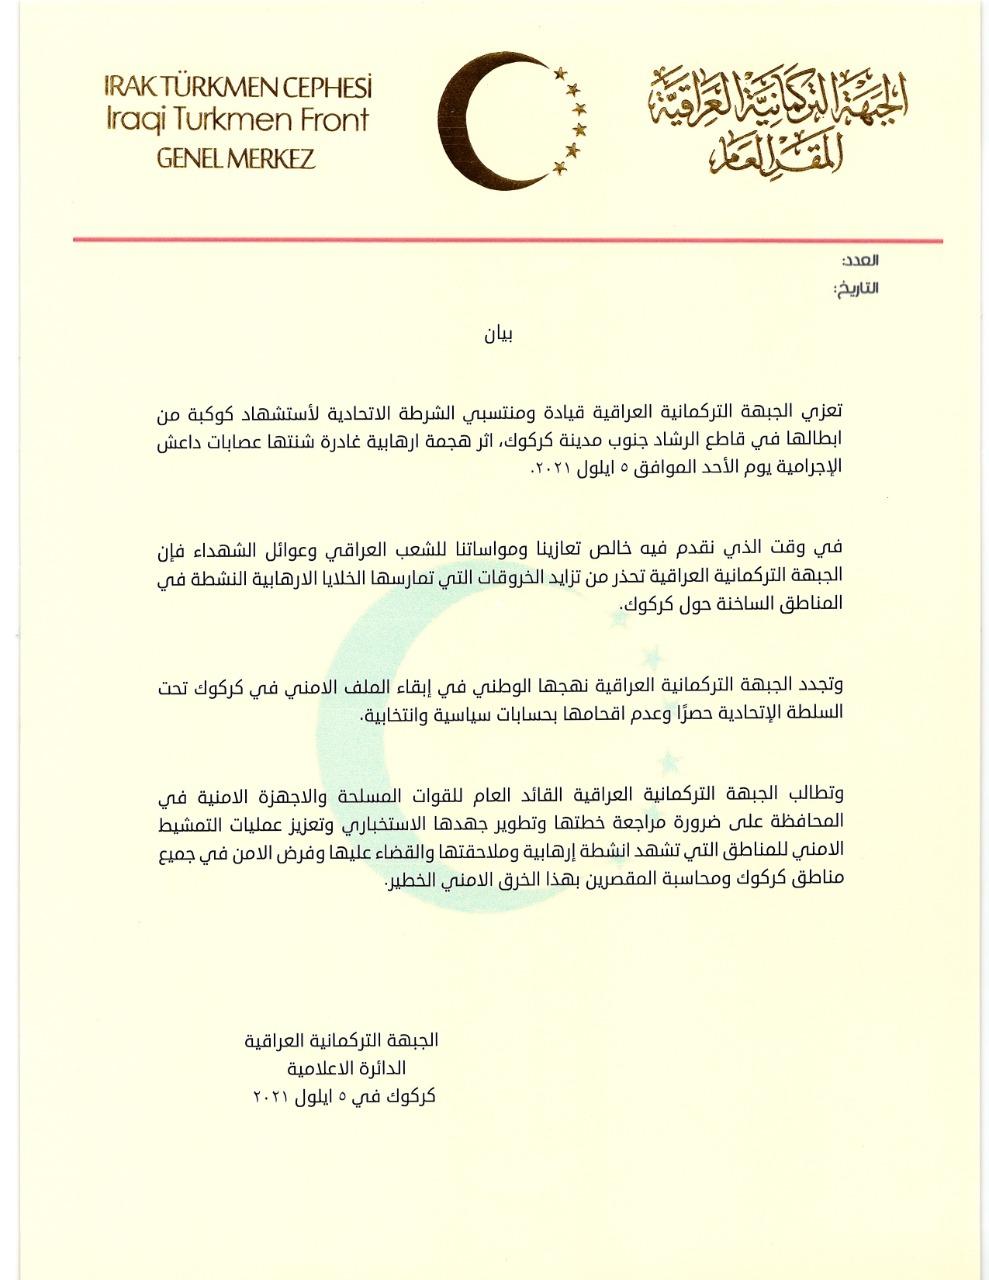 الجبهة التركمانية تحذر من تزايد الخروقات التي تمارسها الخلايا الارهابية في كركوك